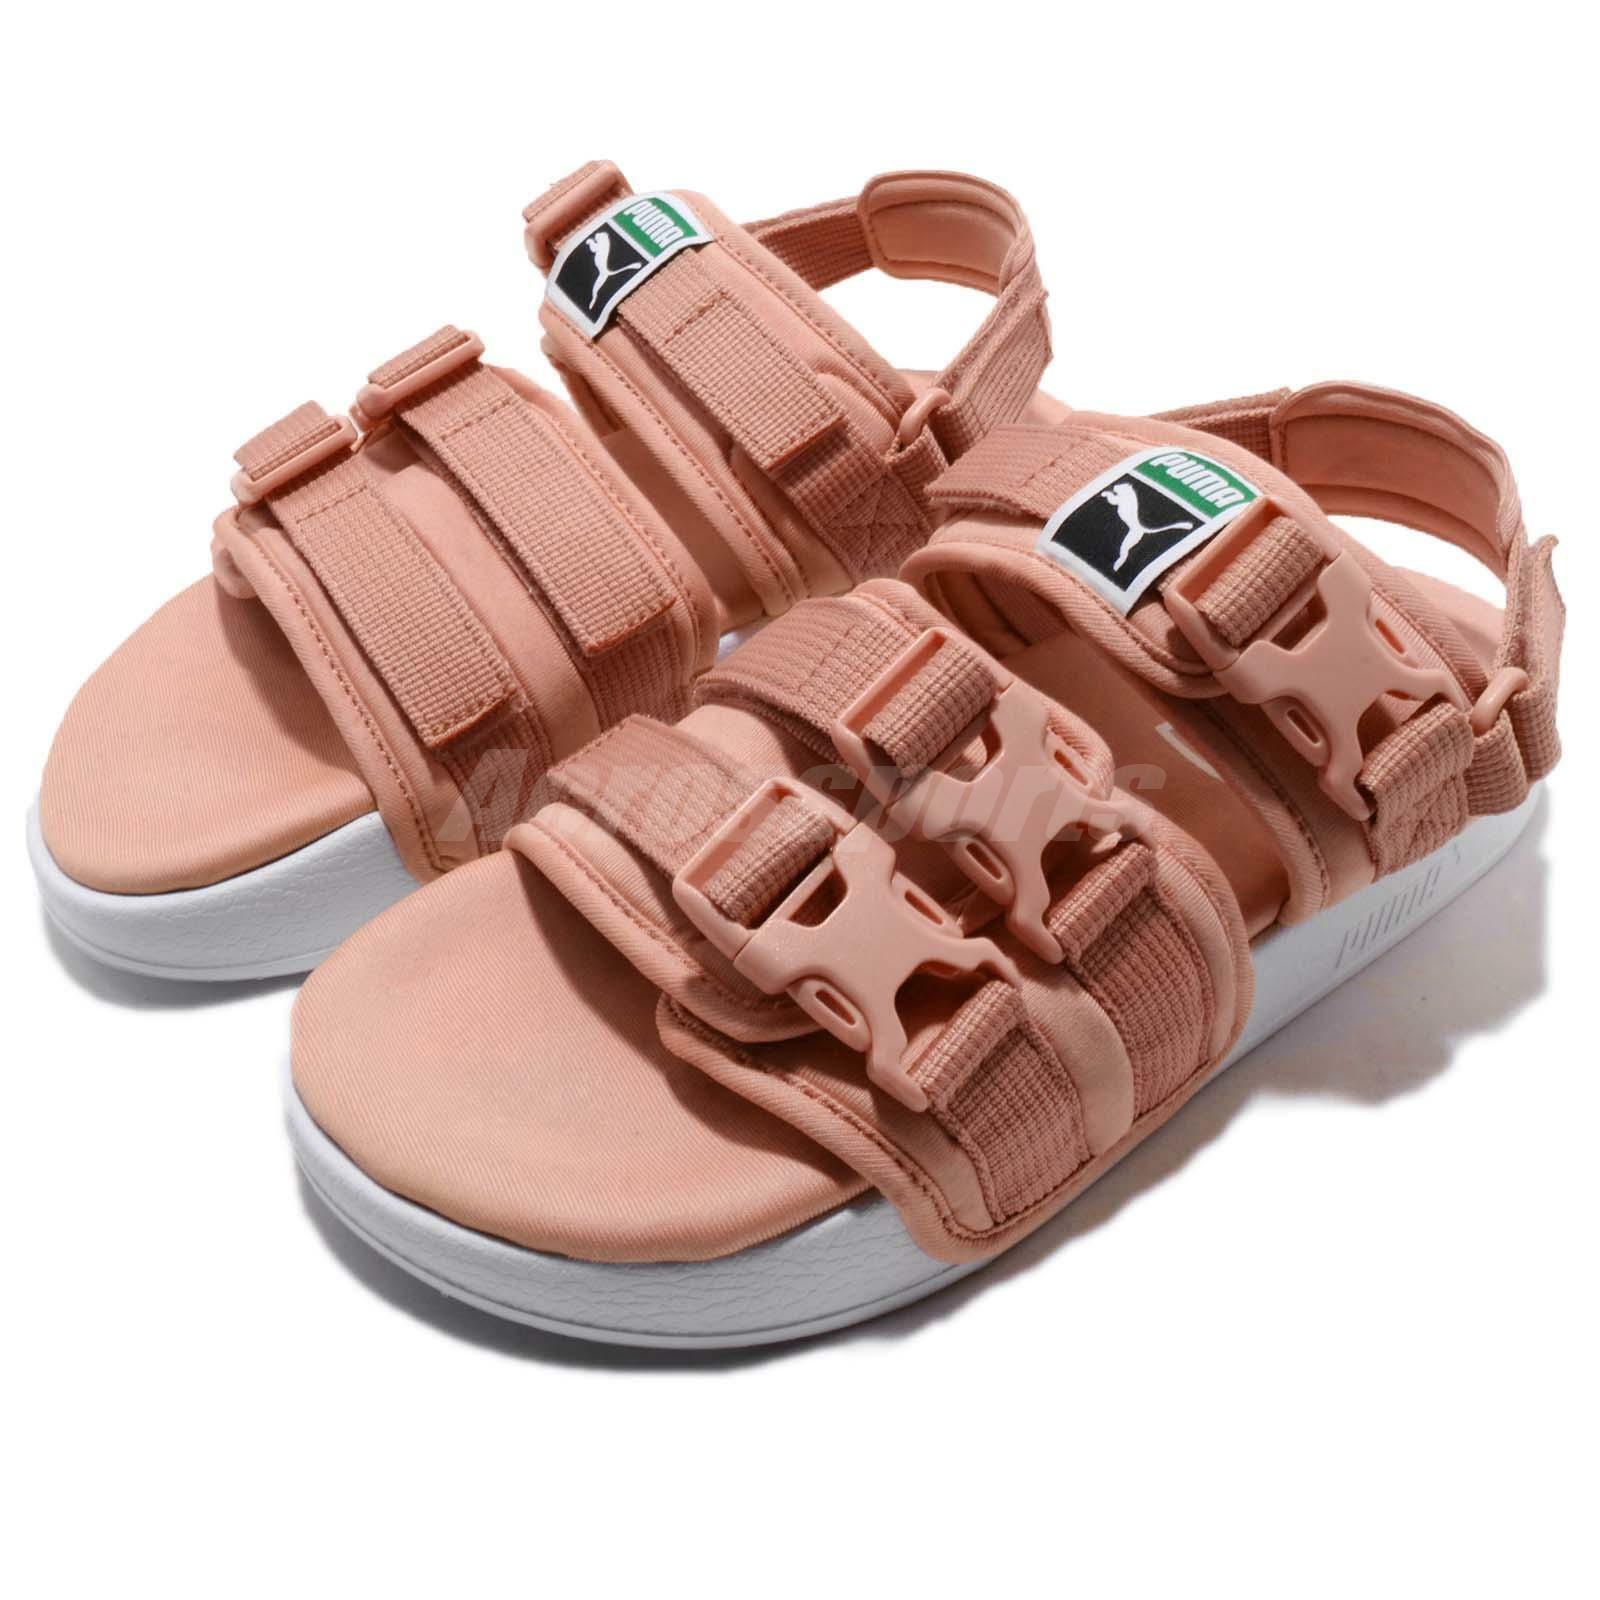 67d633953d1 ... Puma Leadcat YLM Men Women Lifestyle Sandal shoes Pick Pick Pick 1  86de9c ...